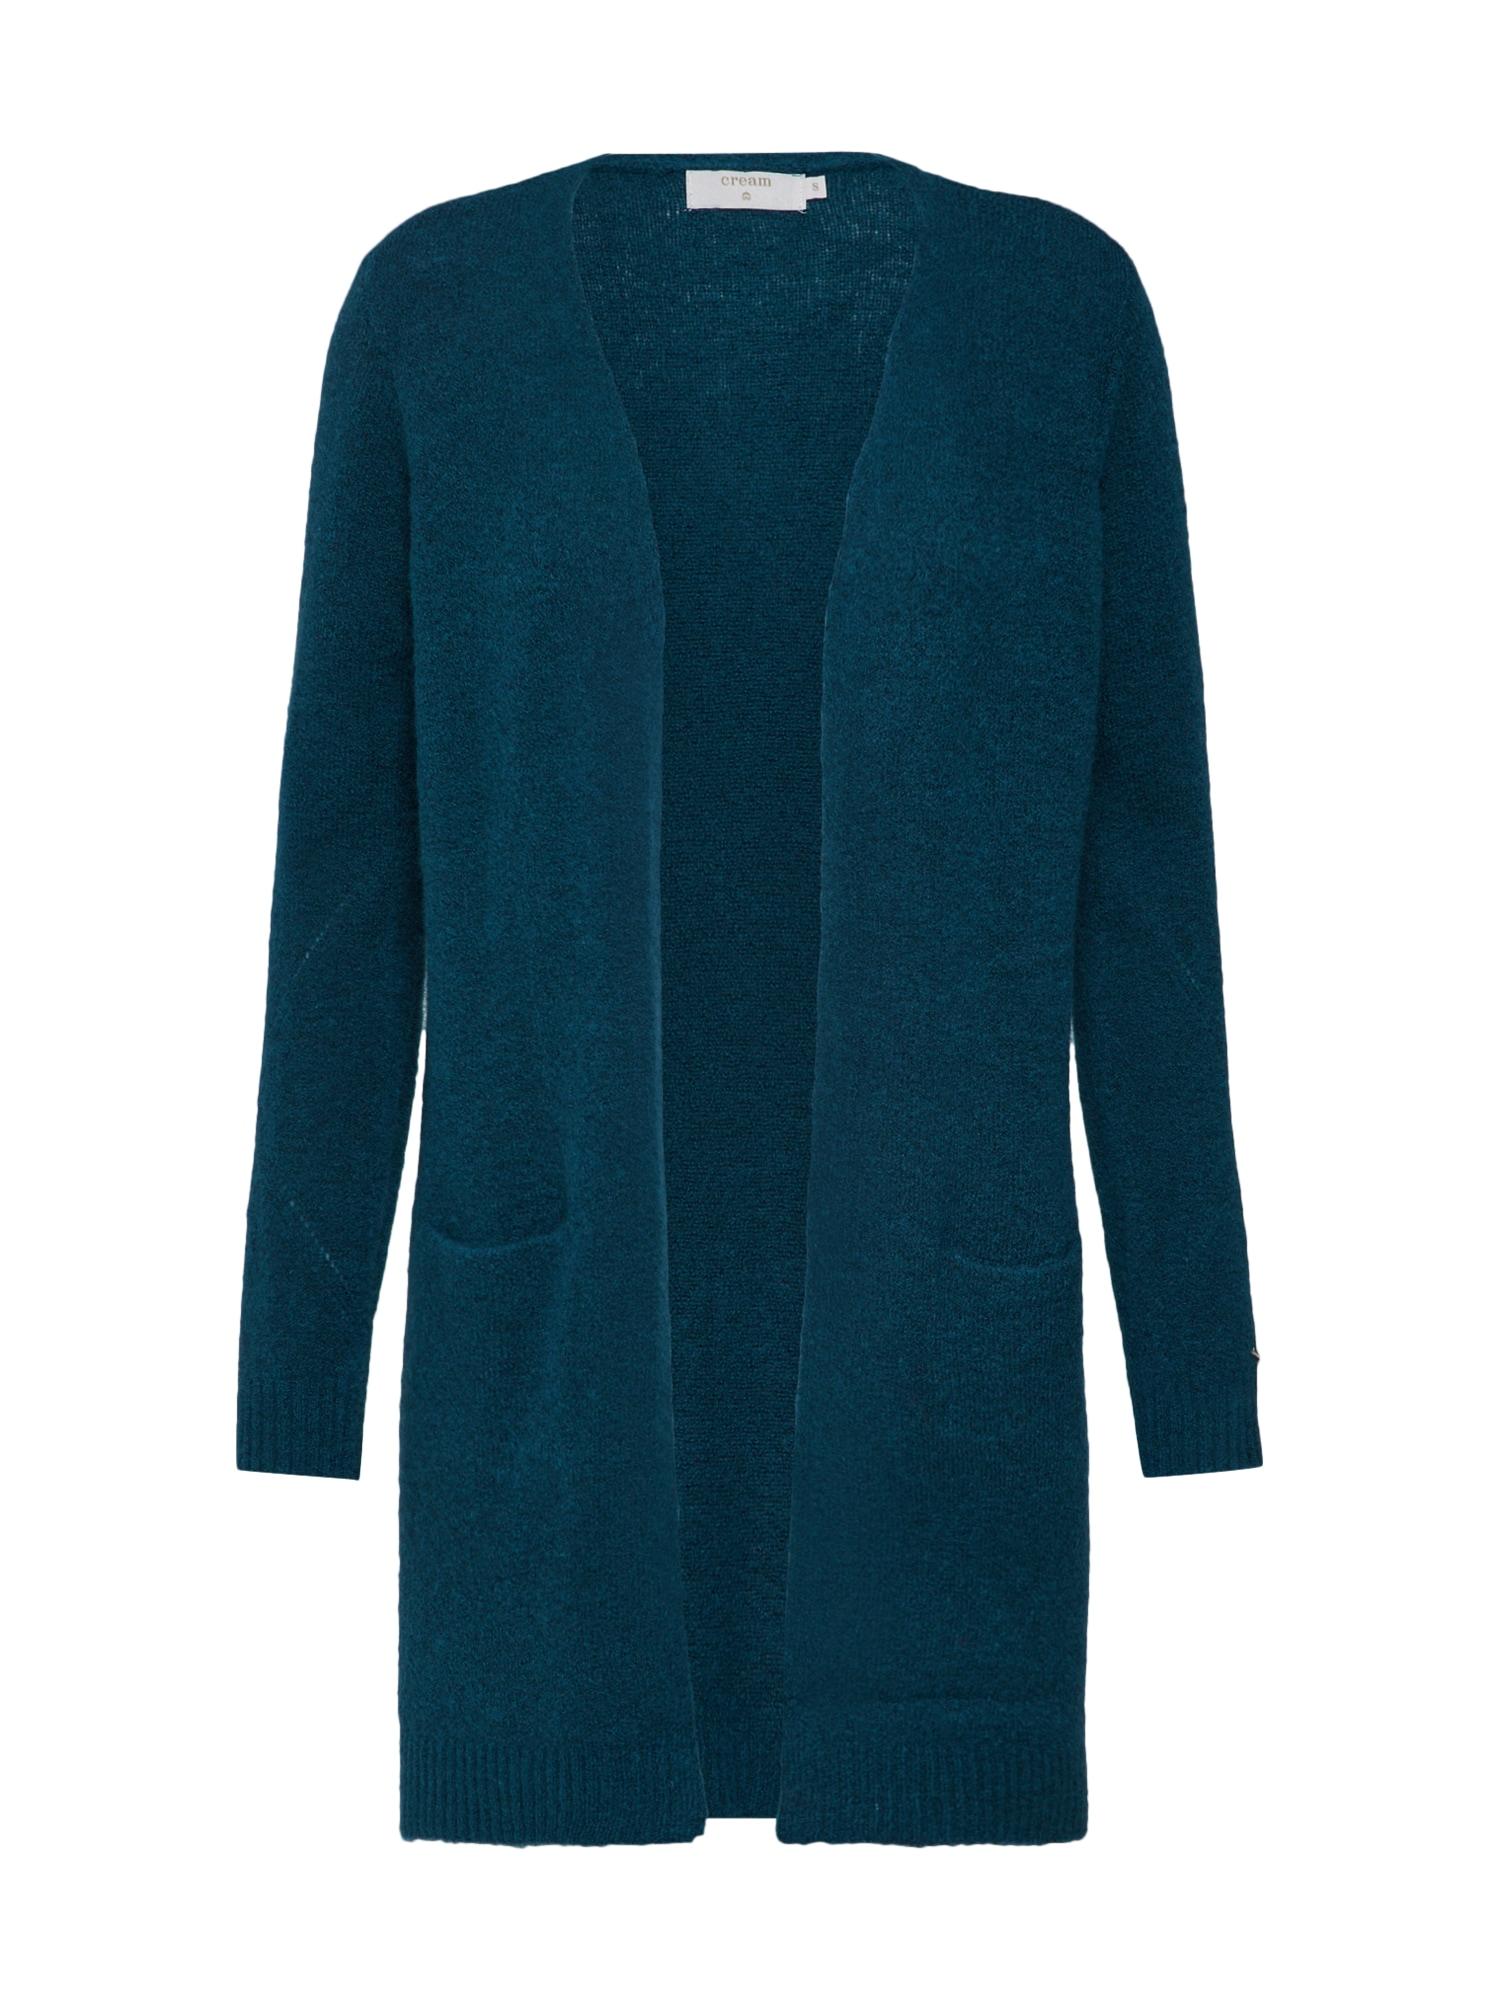 Pletený kabátek Kaitlyn Long Cardigan tyrkysová Cream